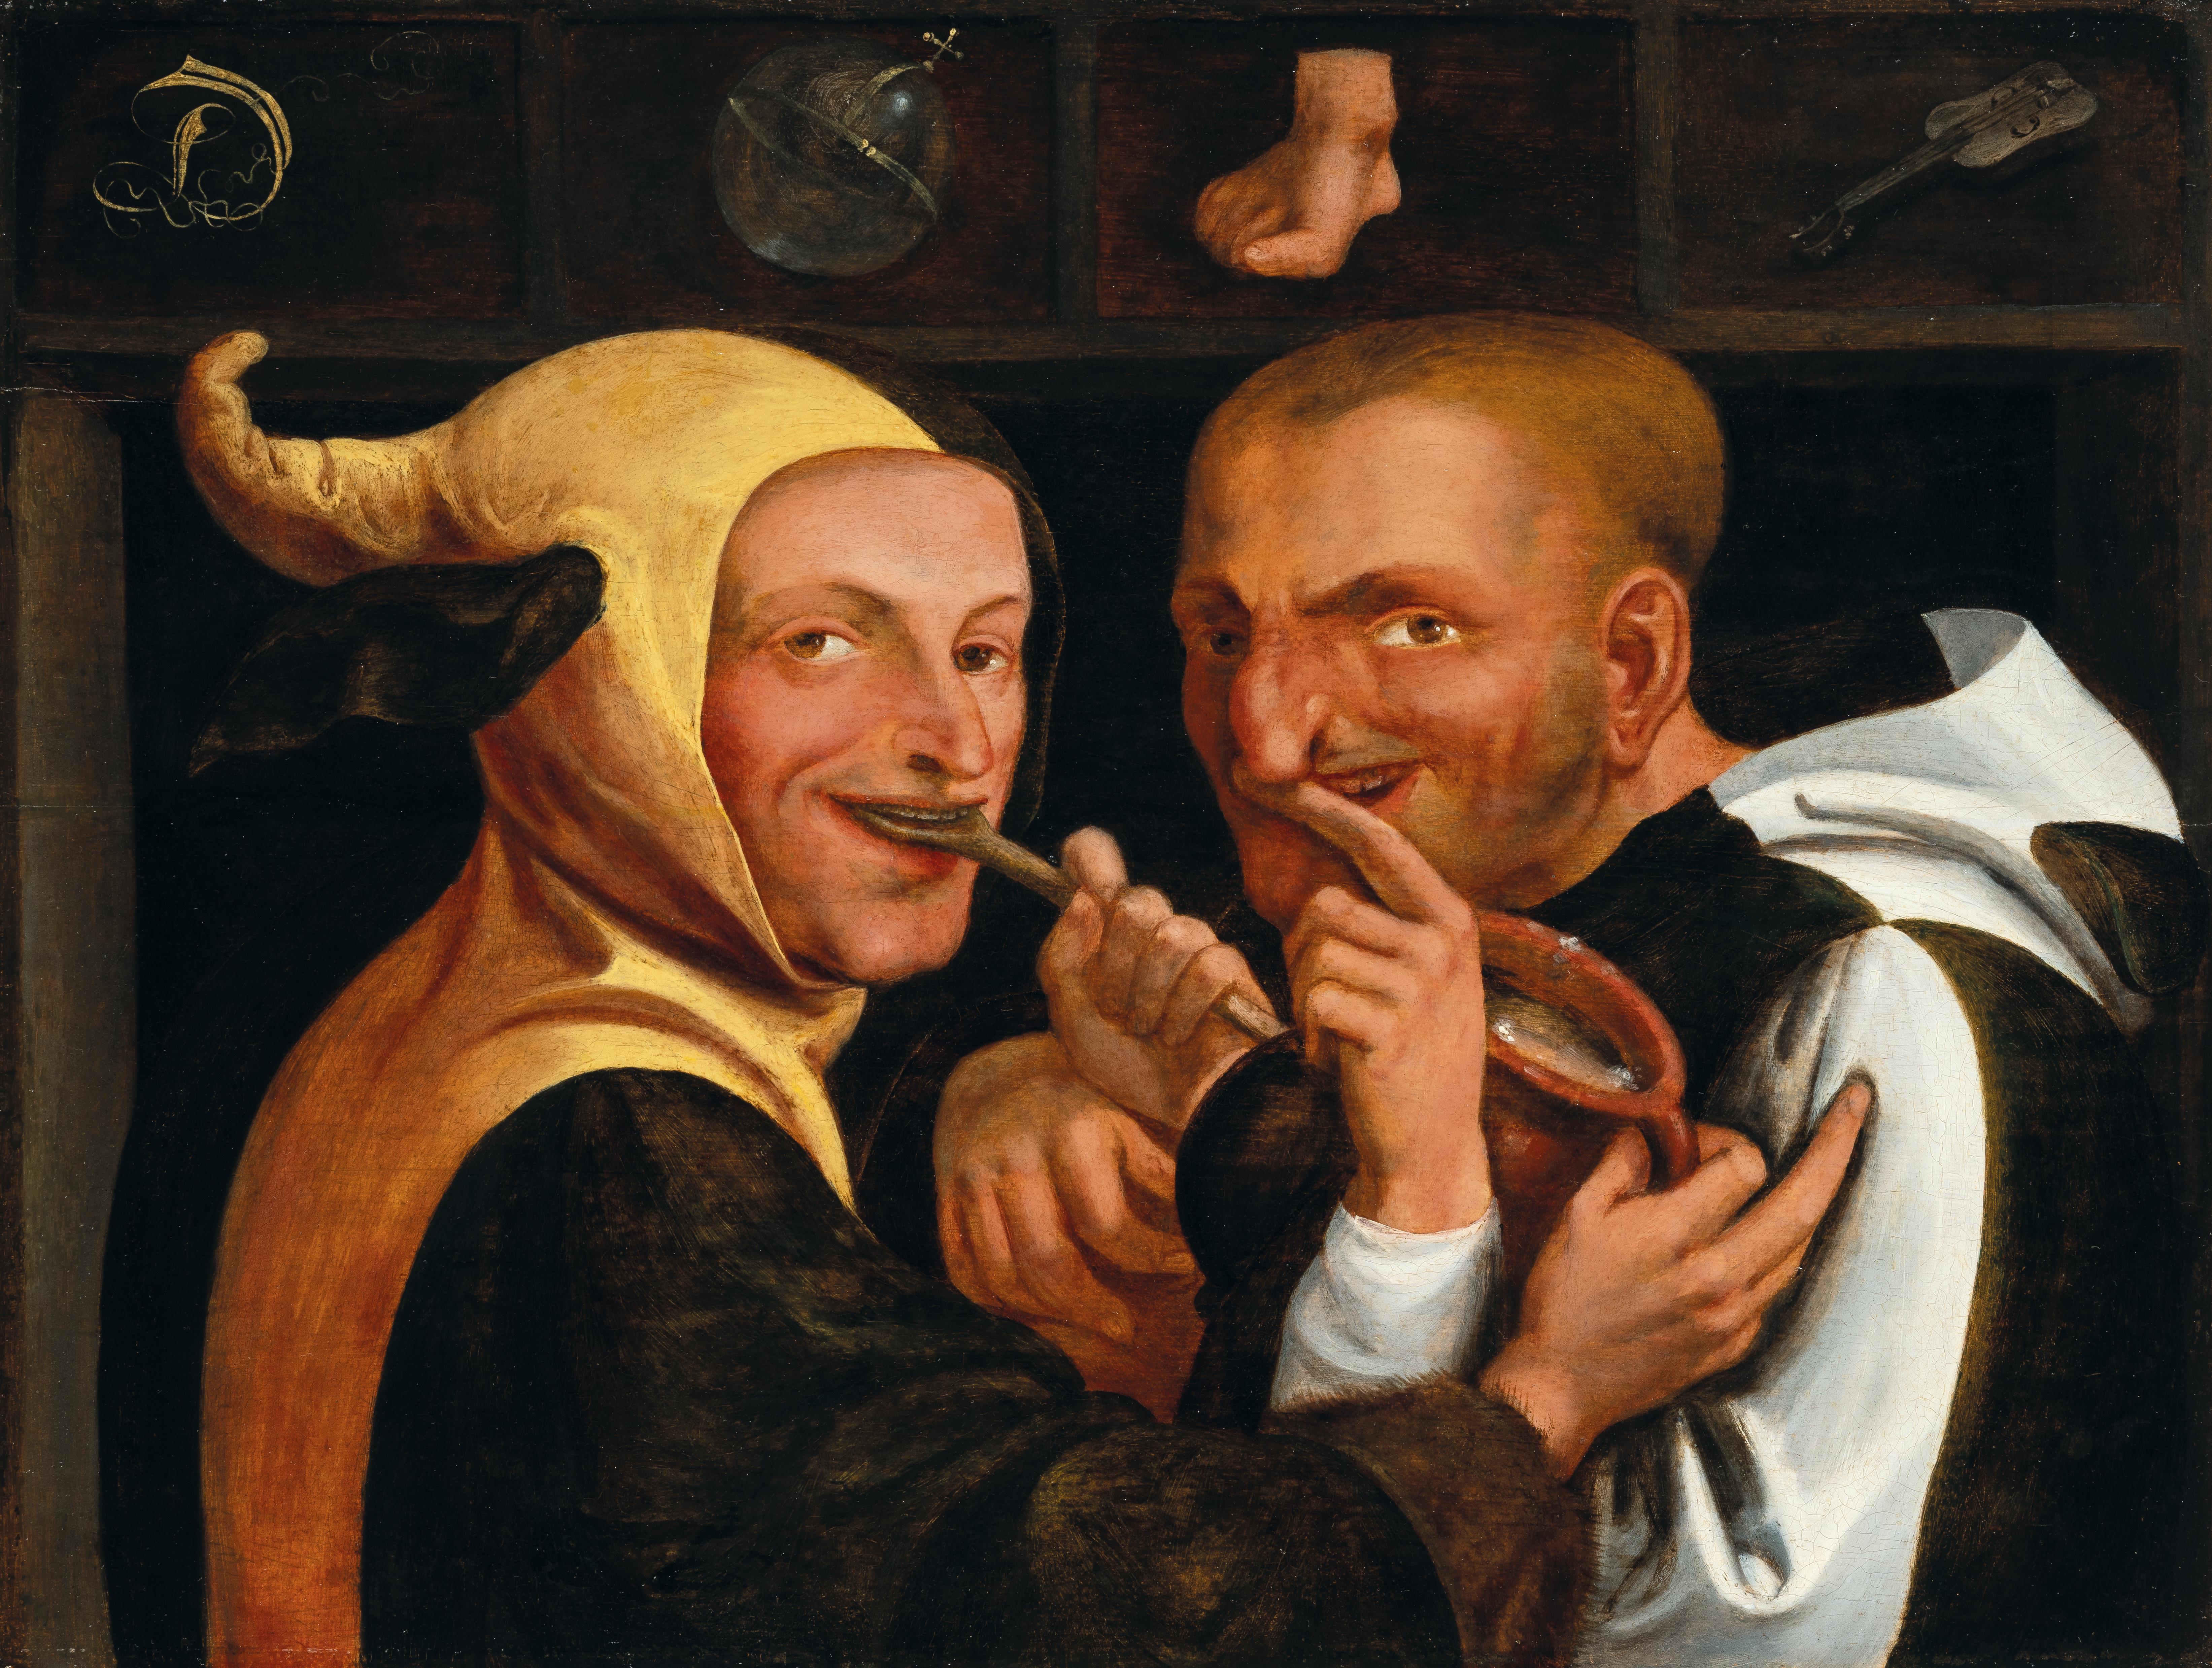 """Niederländische Schule, 16. Jahrhundert, """"De wereld voedt vele zotten"""" – Die Welt ernährt viele Narren, Öl auf Holz, 36,5 x 48,5 cm, gerahmt, Schätzwert € 120.000 – 180.000"""